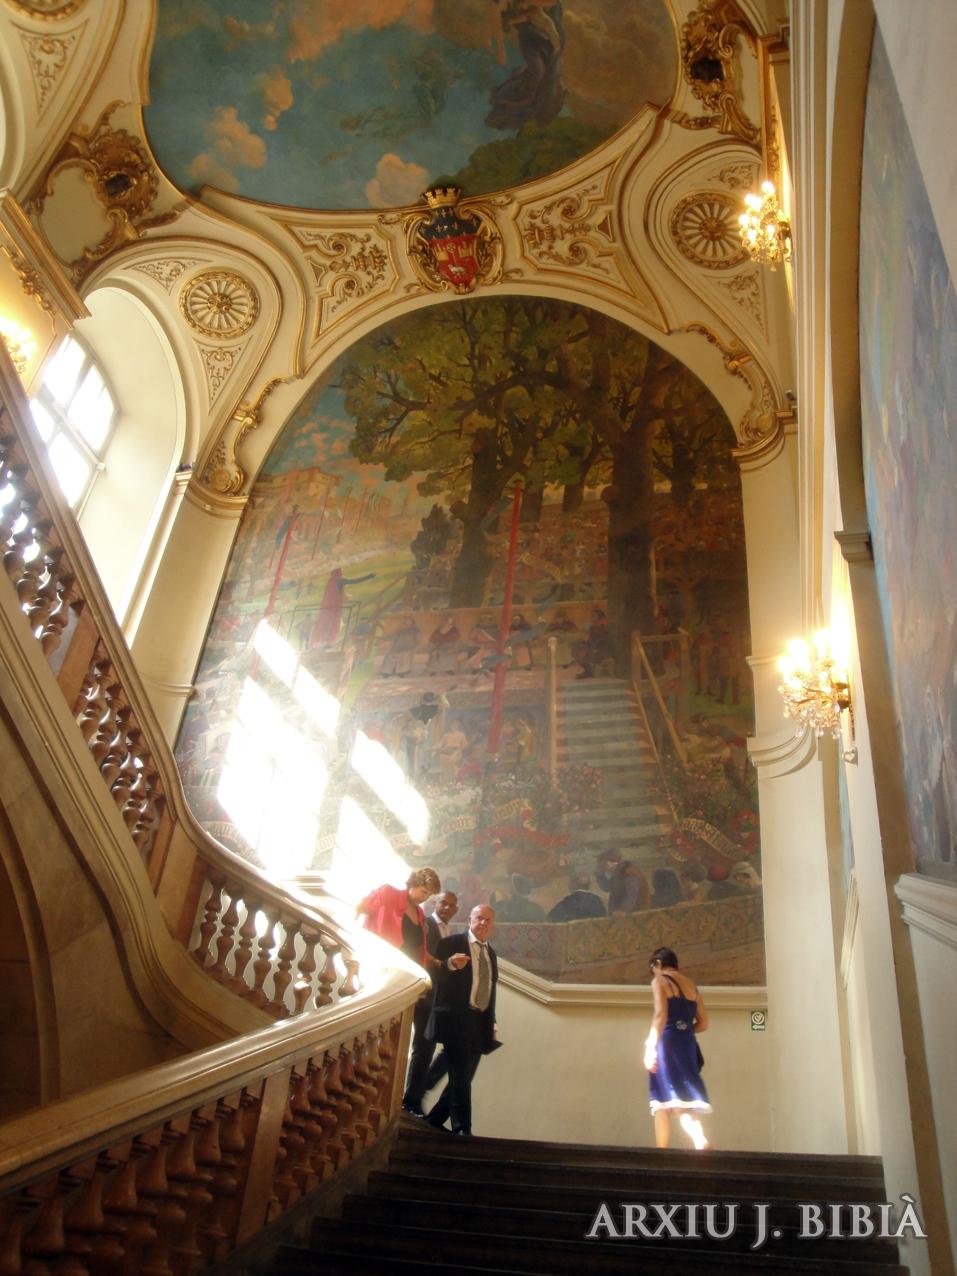 02.09.2011 Una de les nombroses representacións pictòriques medievals d'un gloriós passat que mai no tornarà.  Interior del Capítol de Tolosa del Llenguadoc. -  Jordi Bibià